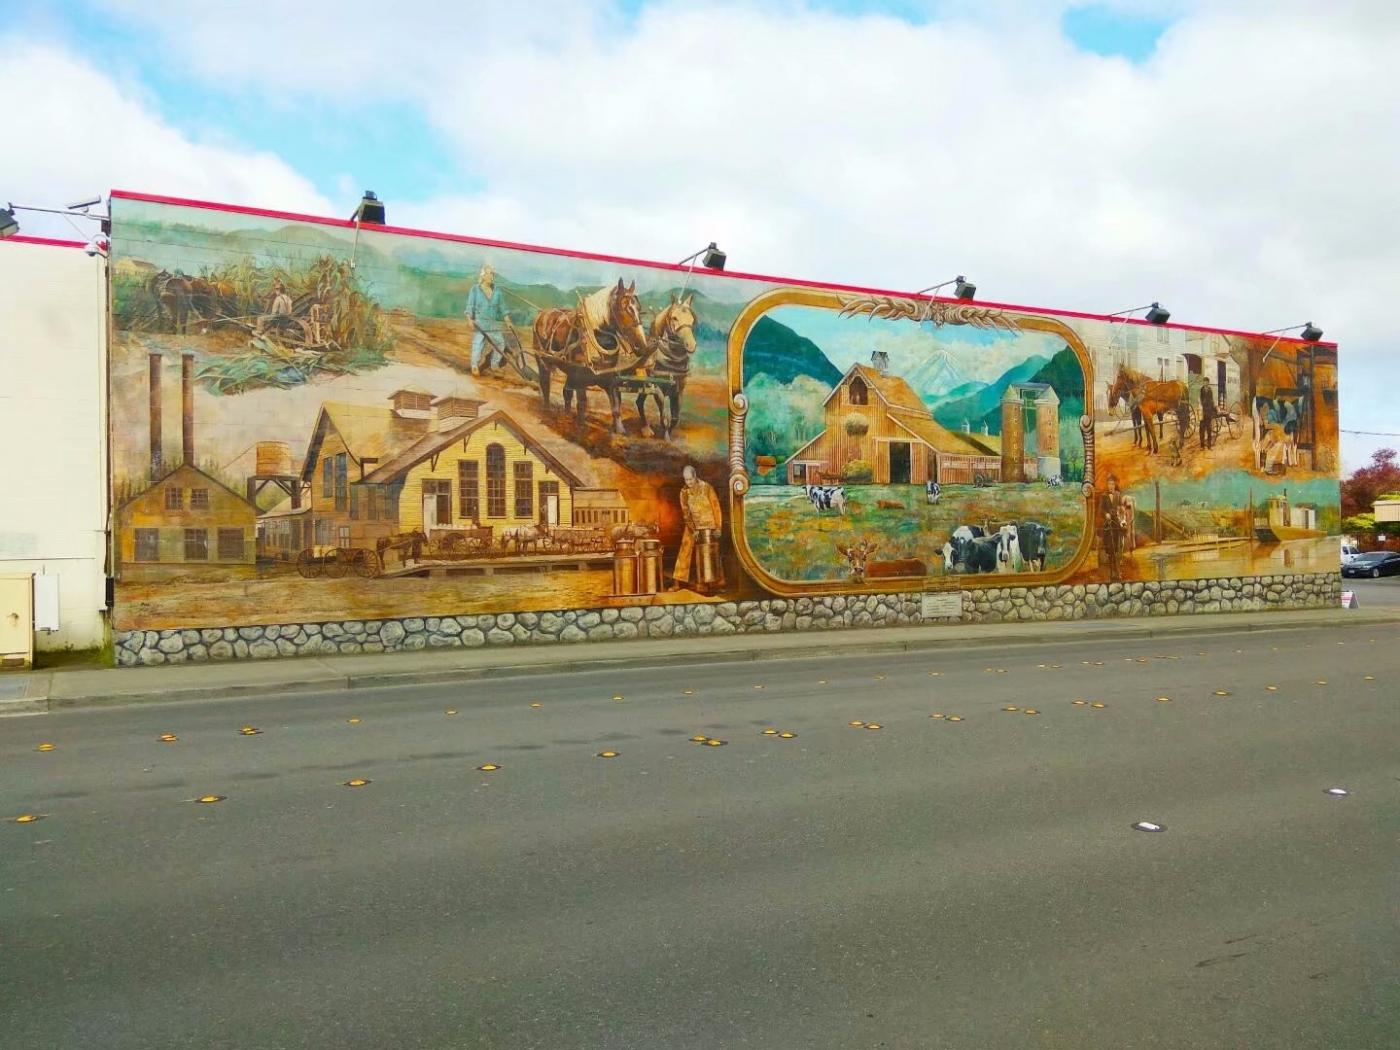 美国小镇街边壁画(图)_图1-12